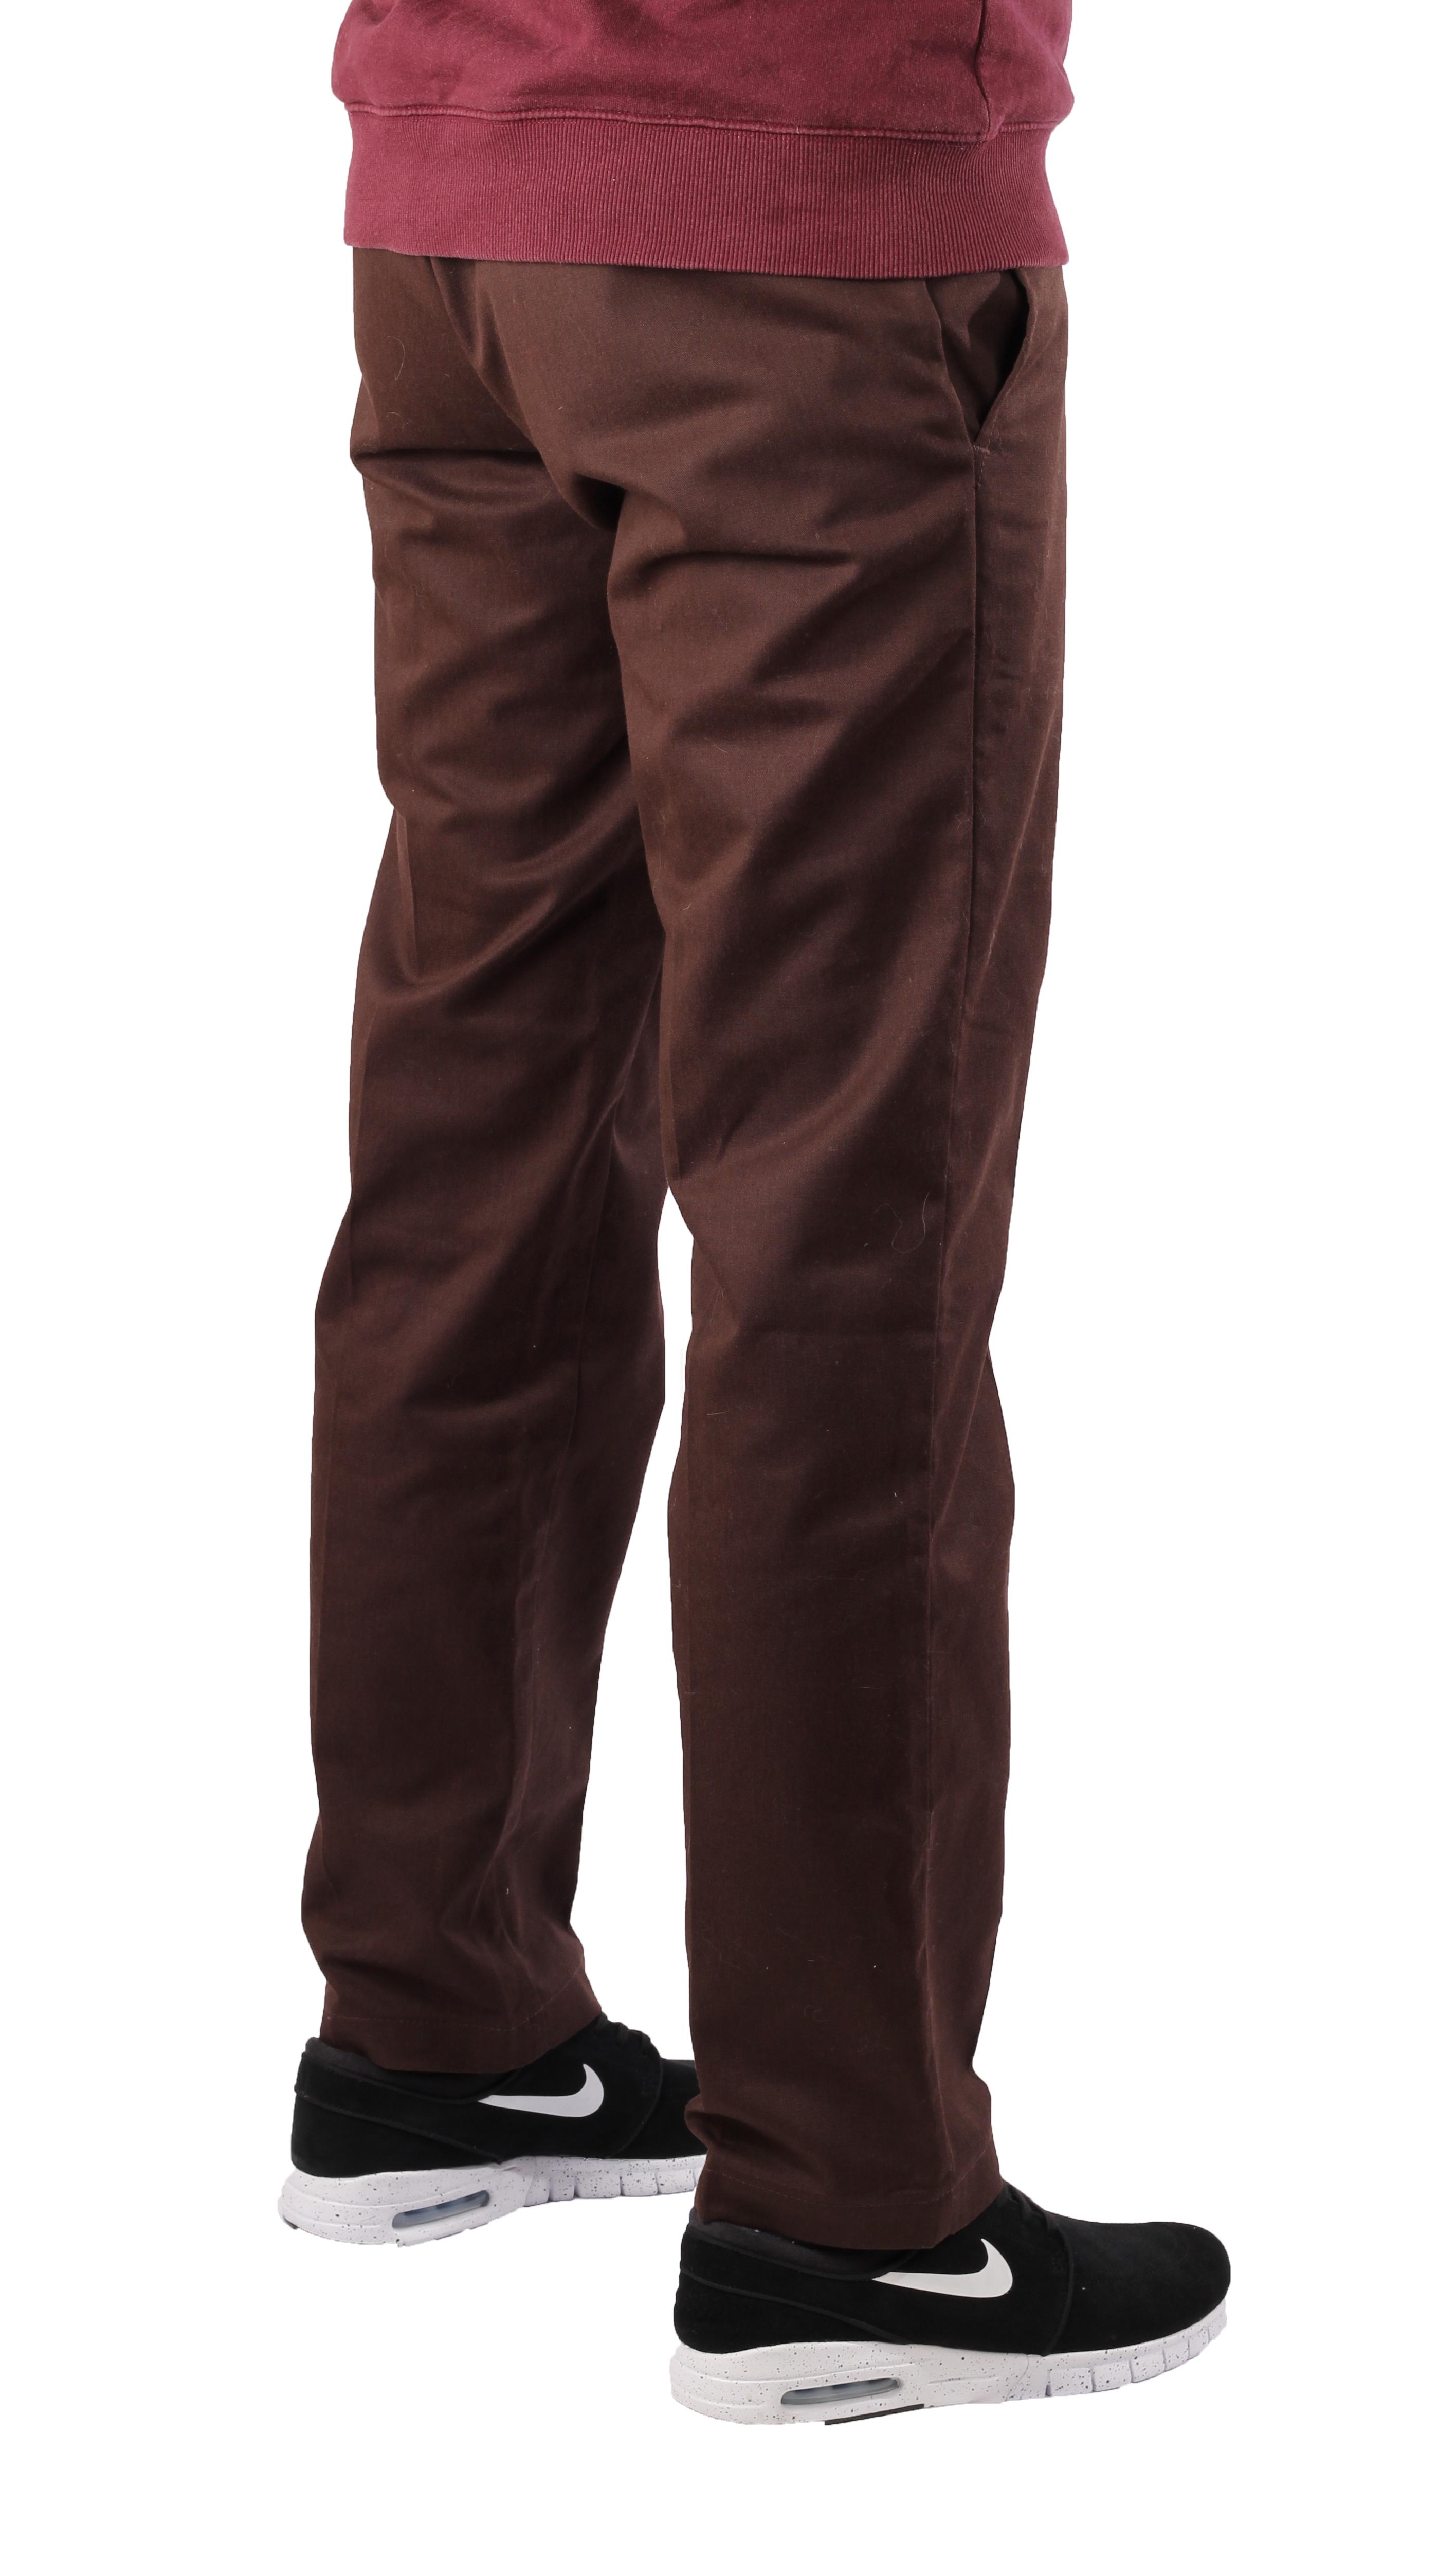 Dickies 894 Industrial Work Pant Chocolate Brown